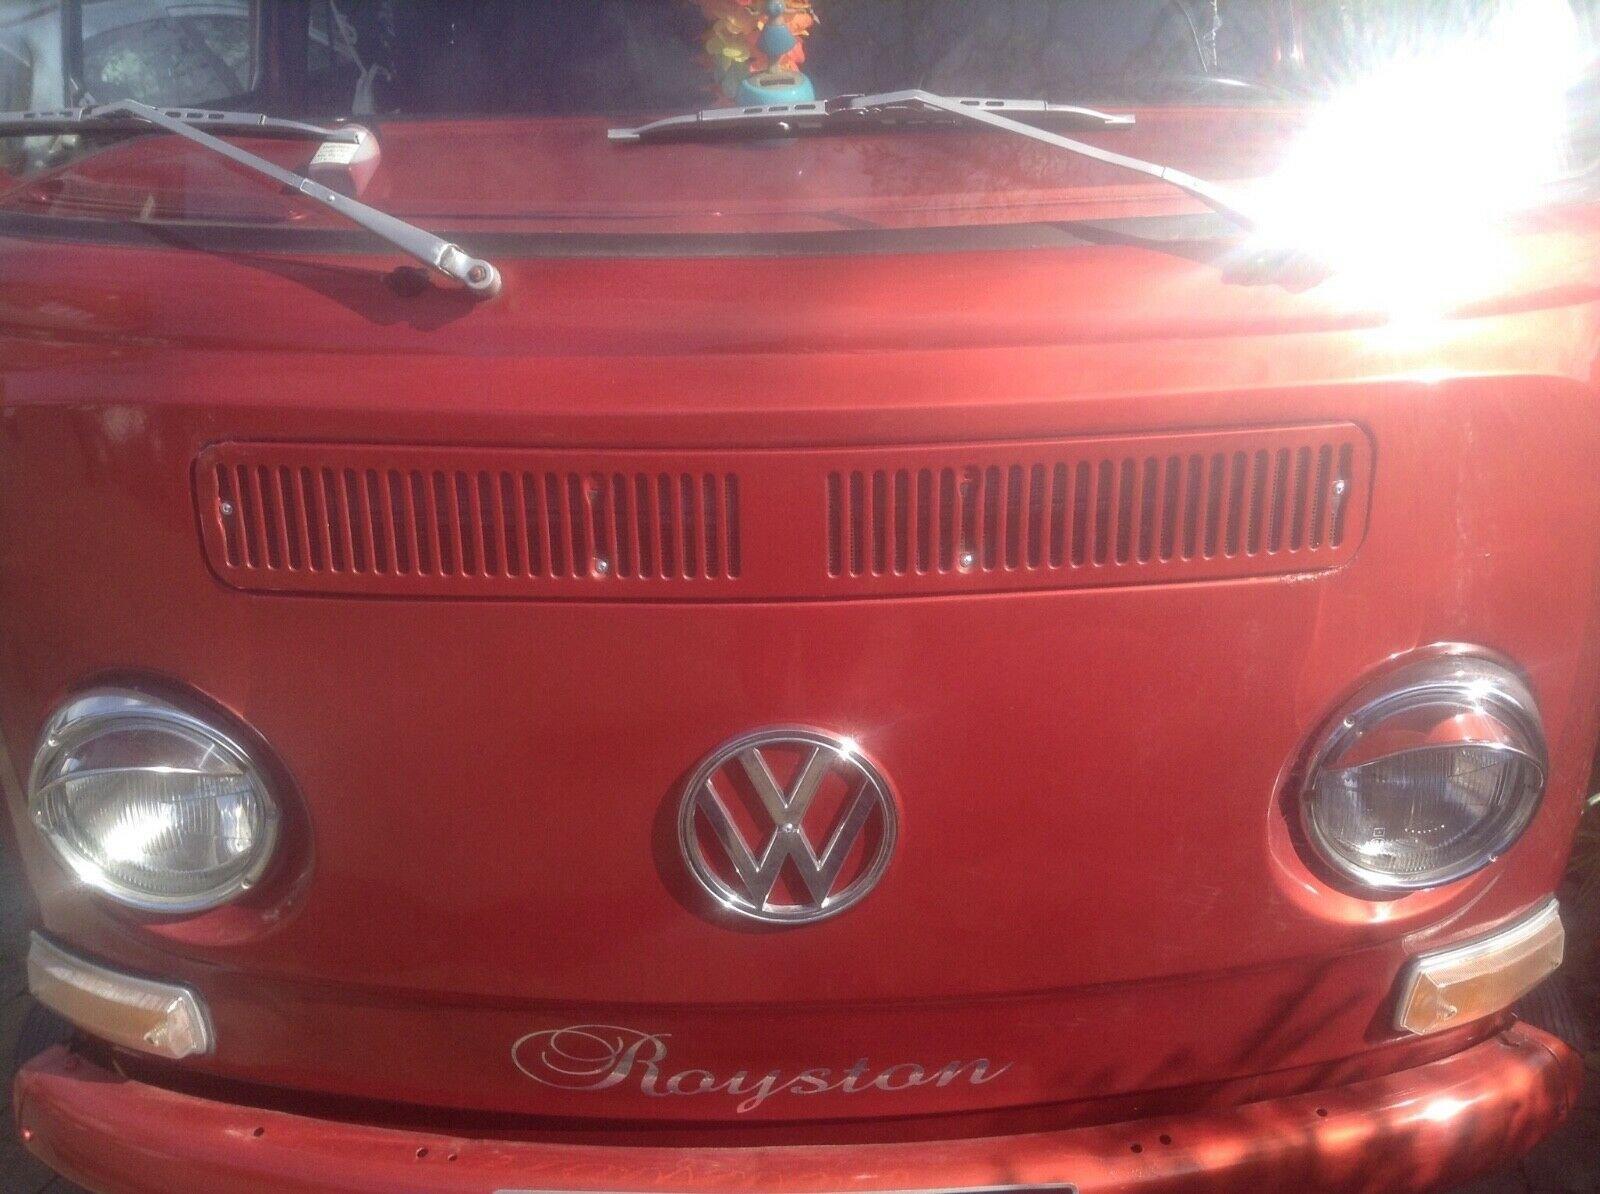 1972 VW VOLKSWAGEN T2 TYPE2 BAYWINDOW CAMPER VAN LOW LI For Sale (picture 2 of 6)